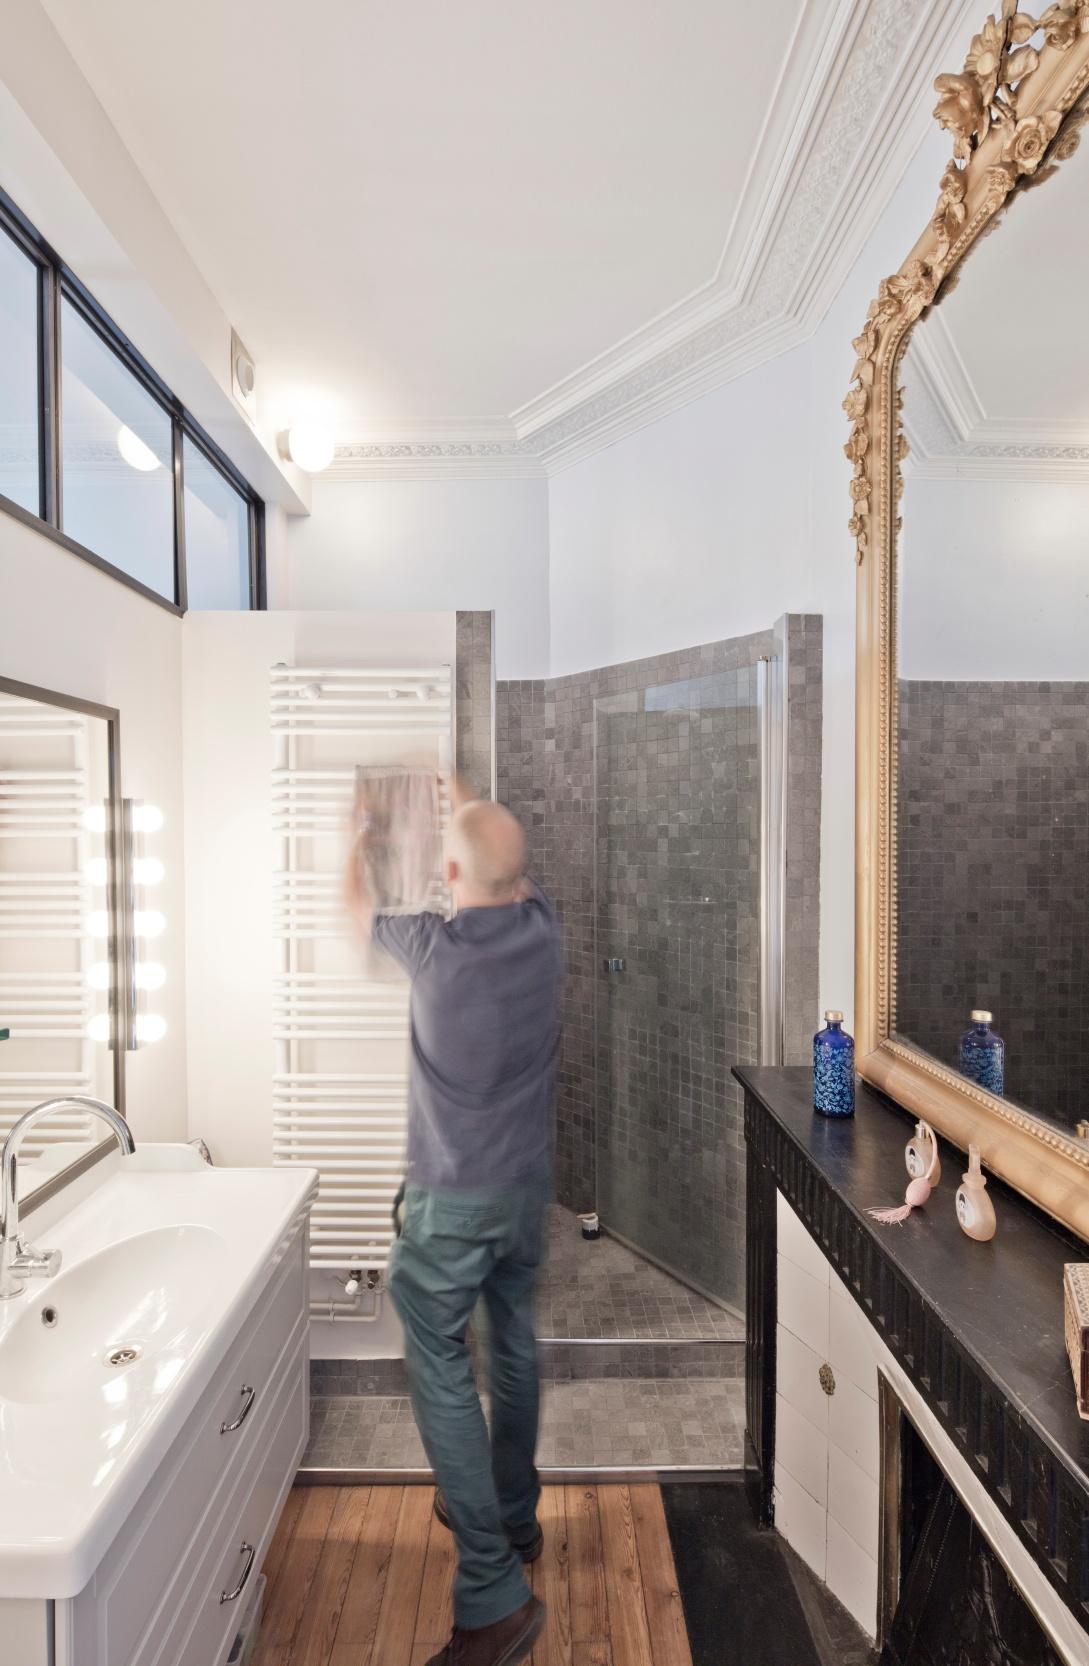 Rénovation d'un appartement haussmannien par un architecte Archibien